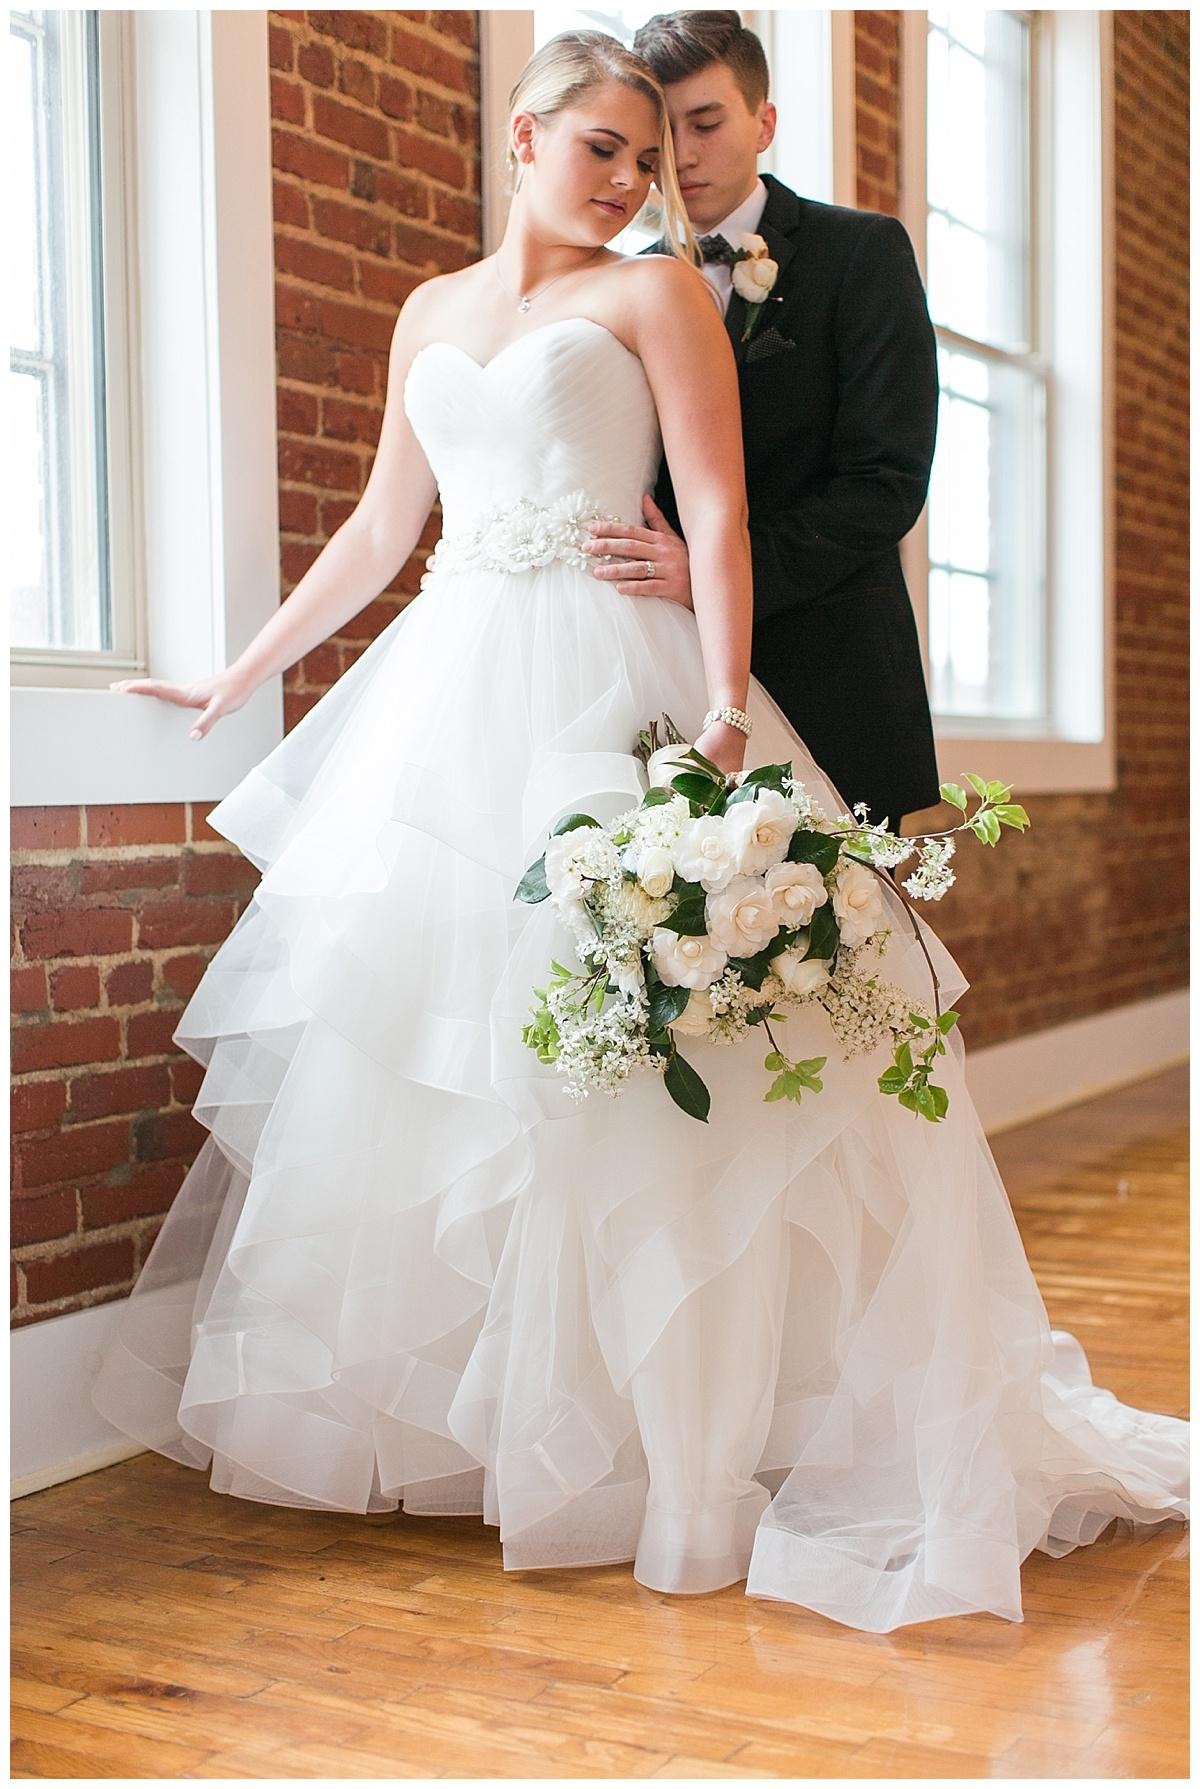 Scott's_Downtown_Monroe_Ga_Wedding_Photograpehrs_0022.jpg